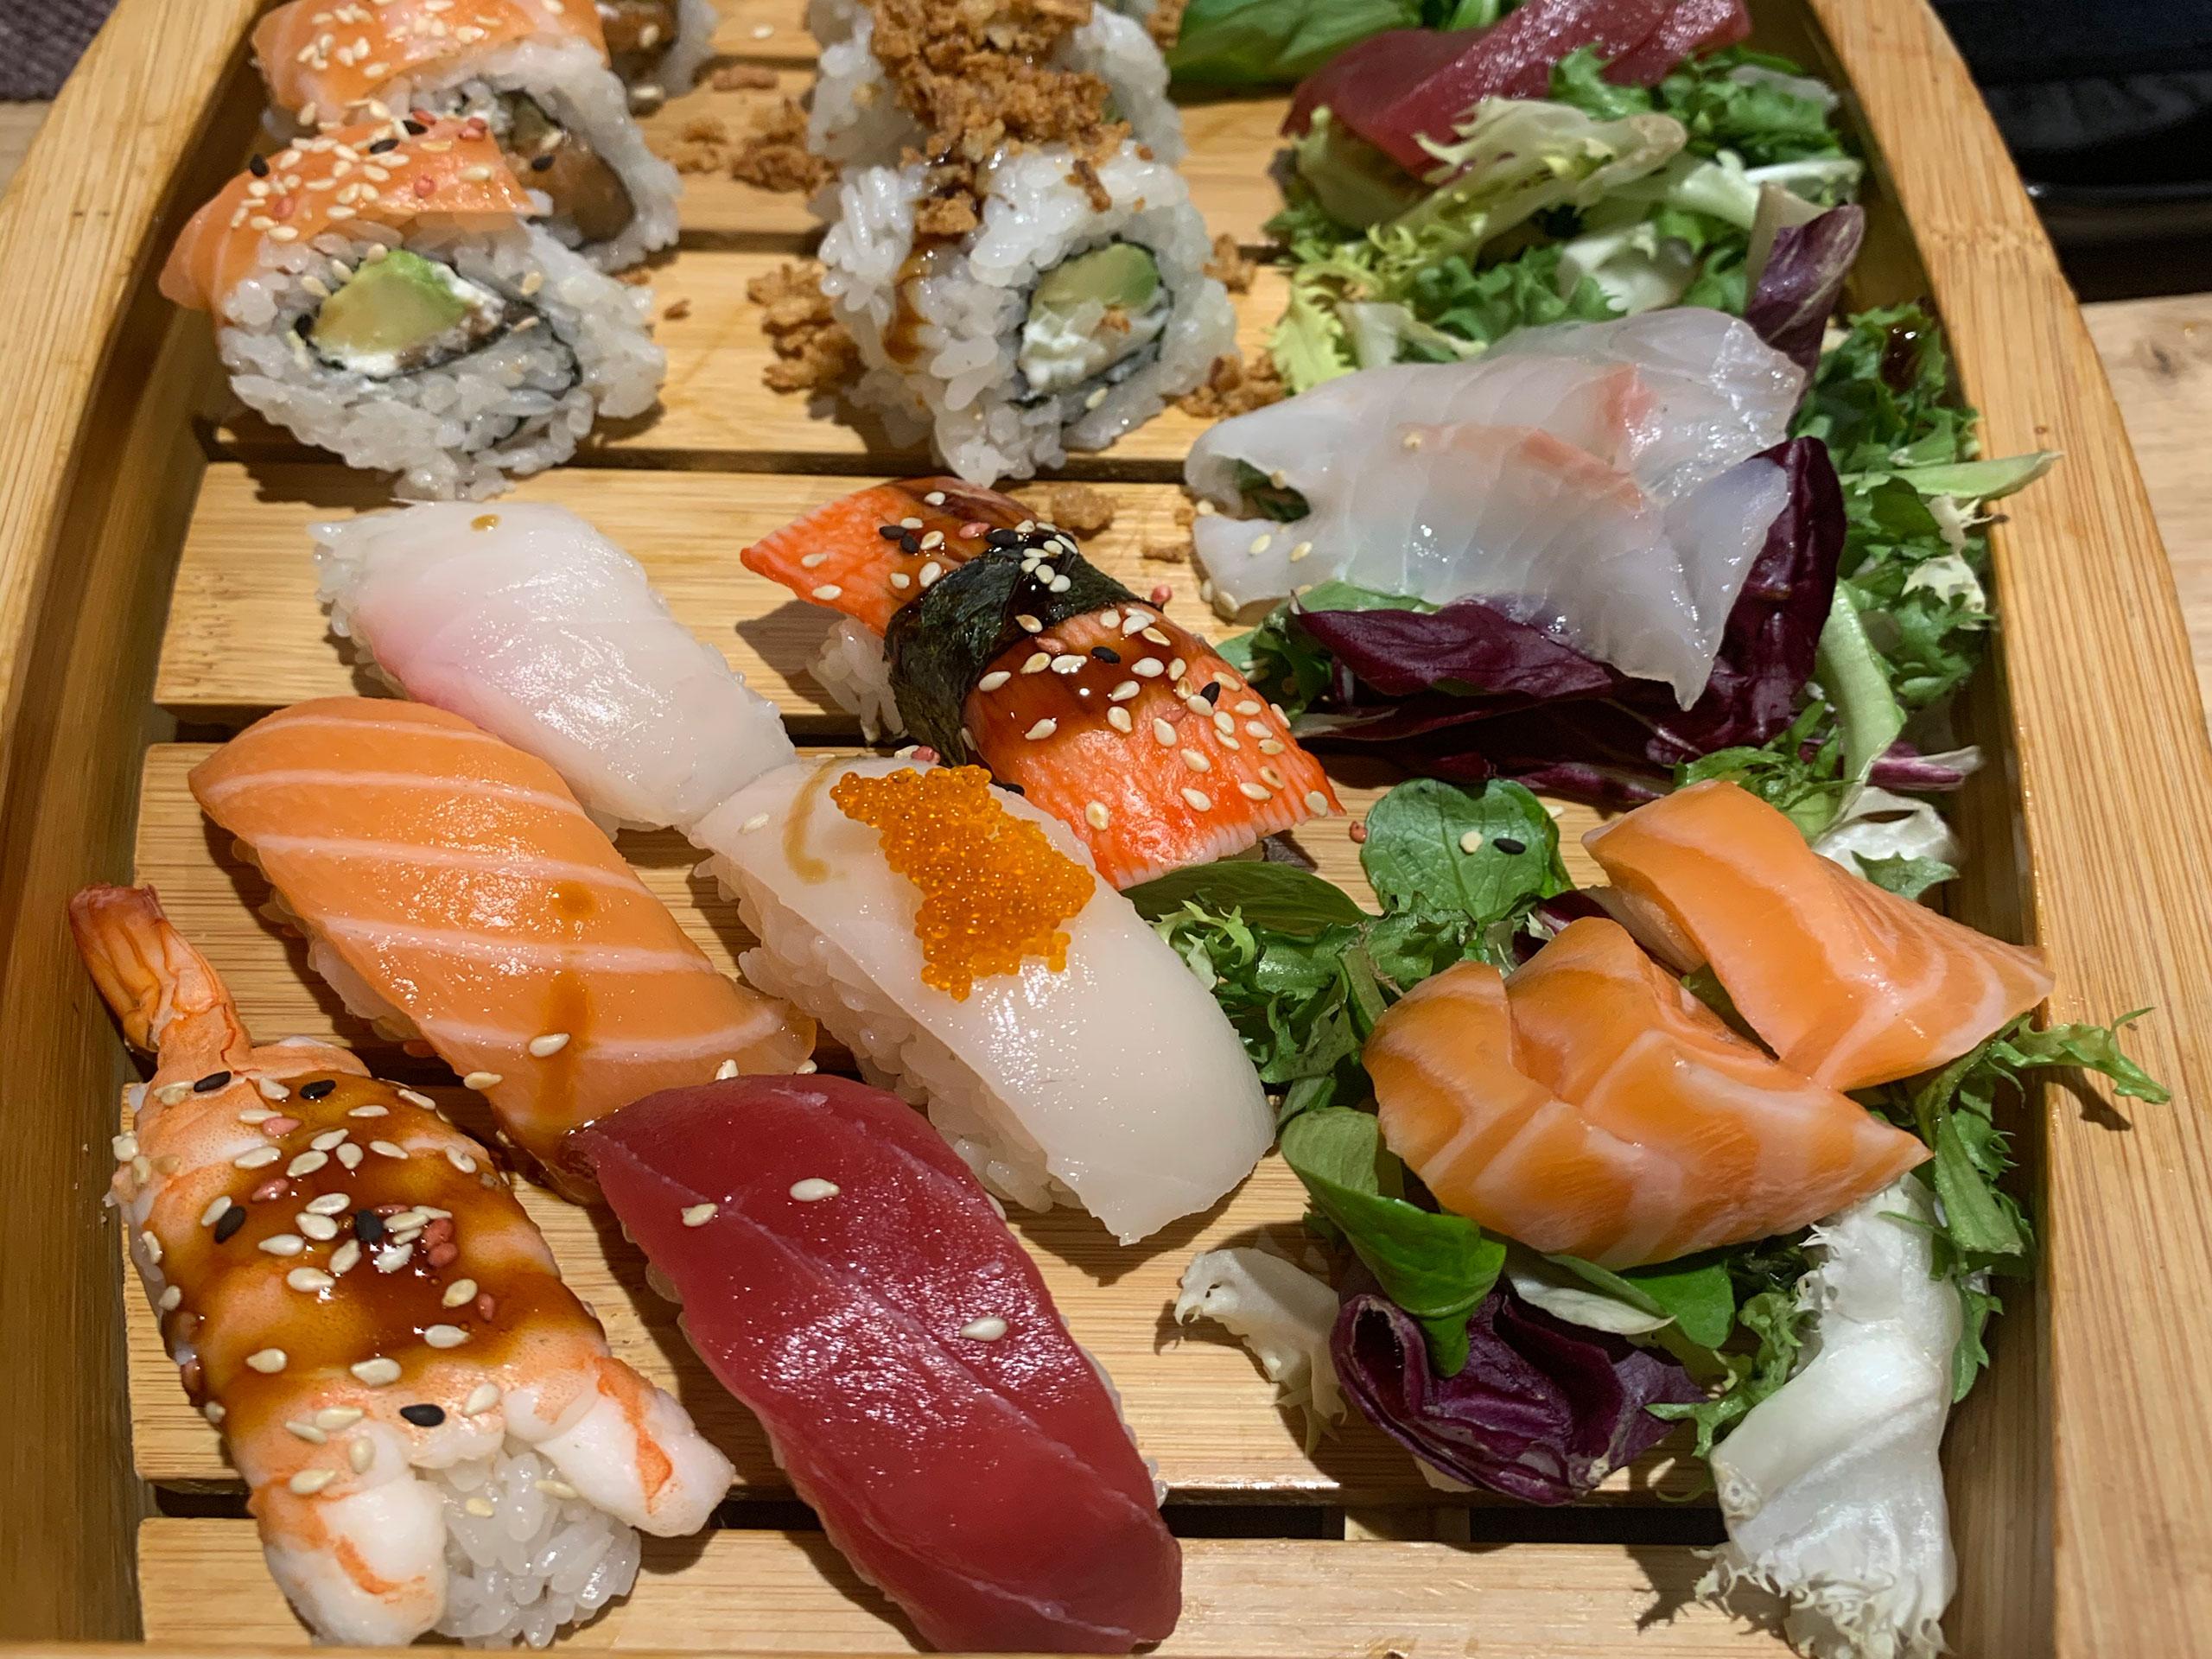 Restaurante Pattaya: uno de los mejores sushi de Pamplona